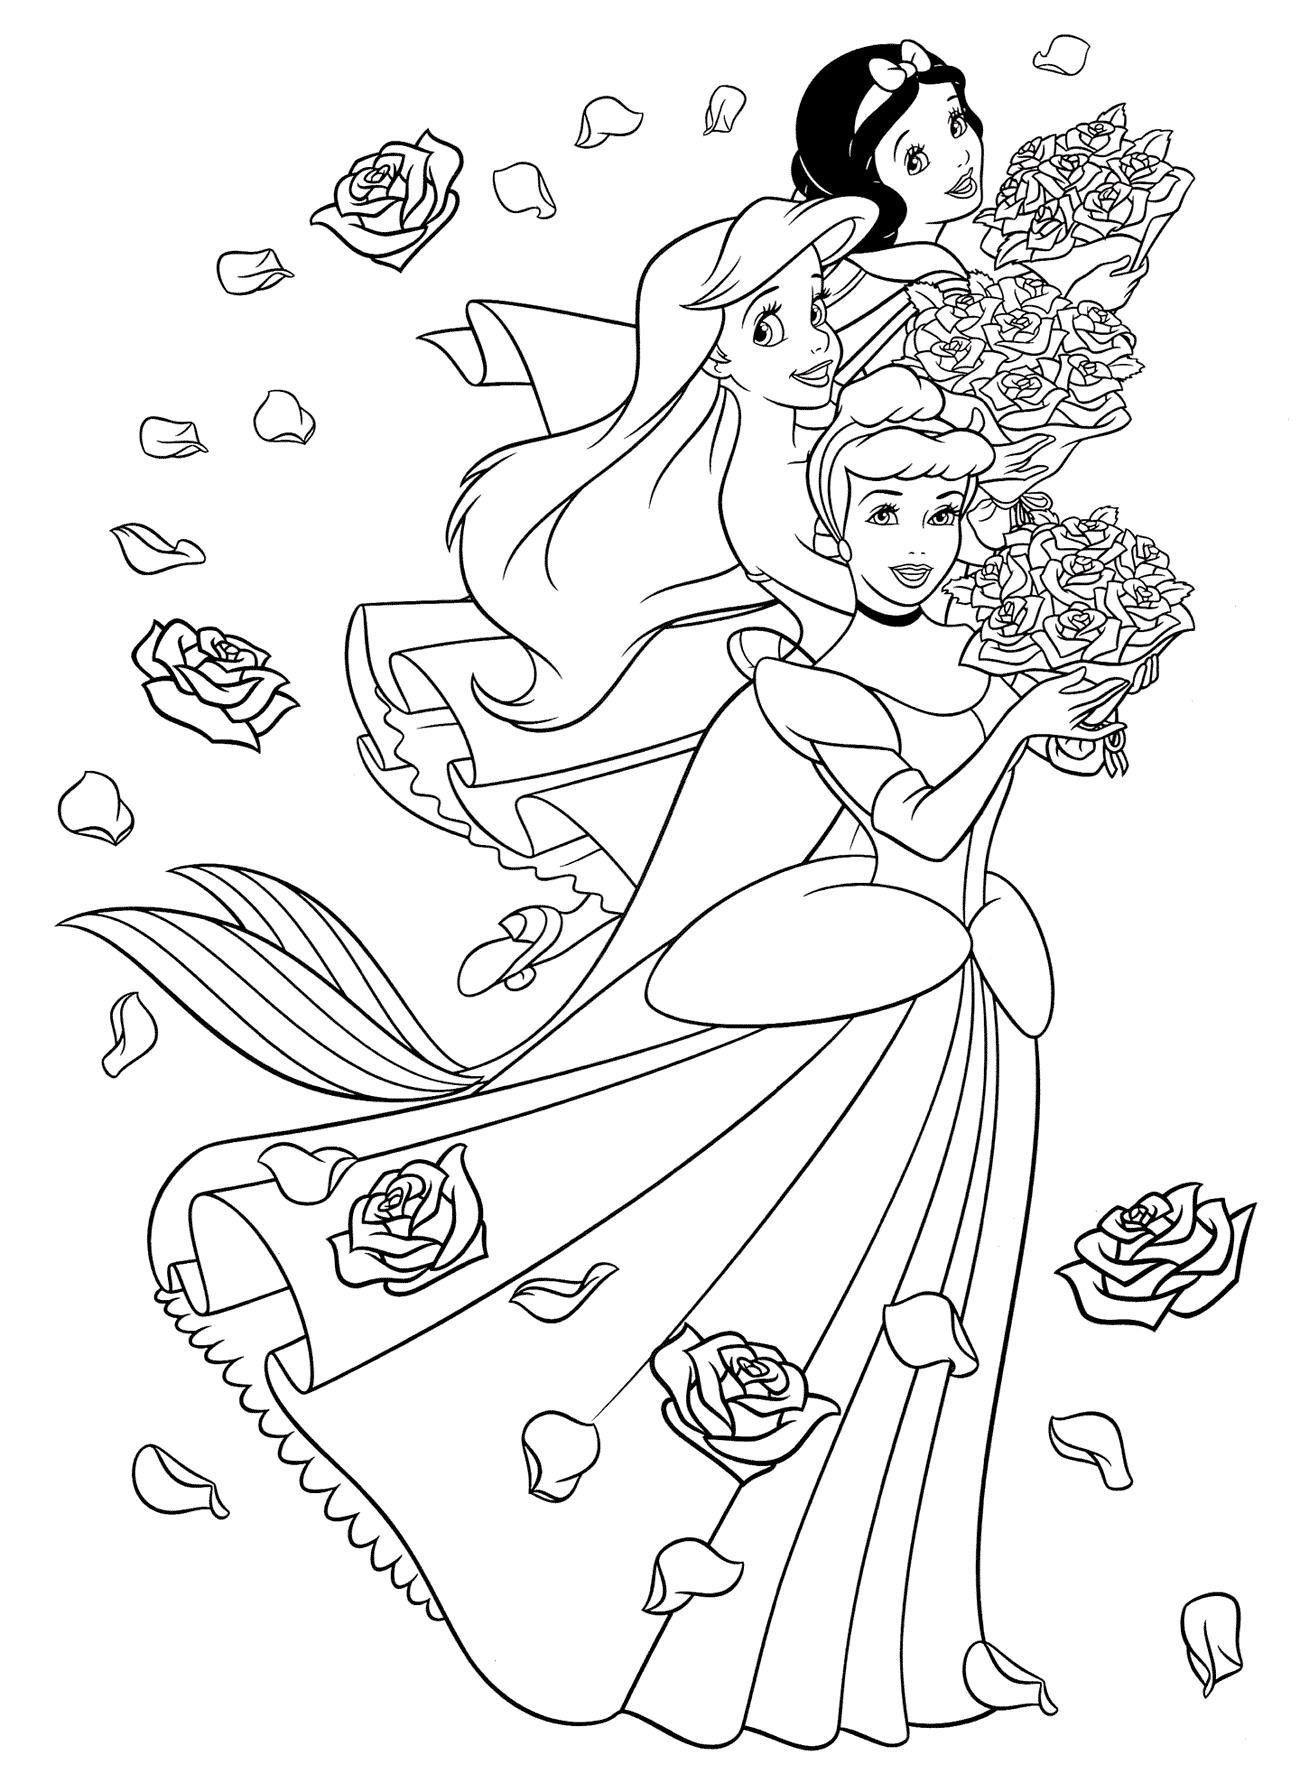 Принцессы | Раскраски дисней, Раскраски, Принцессы диснея